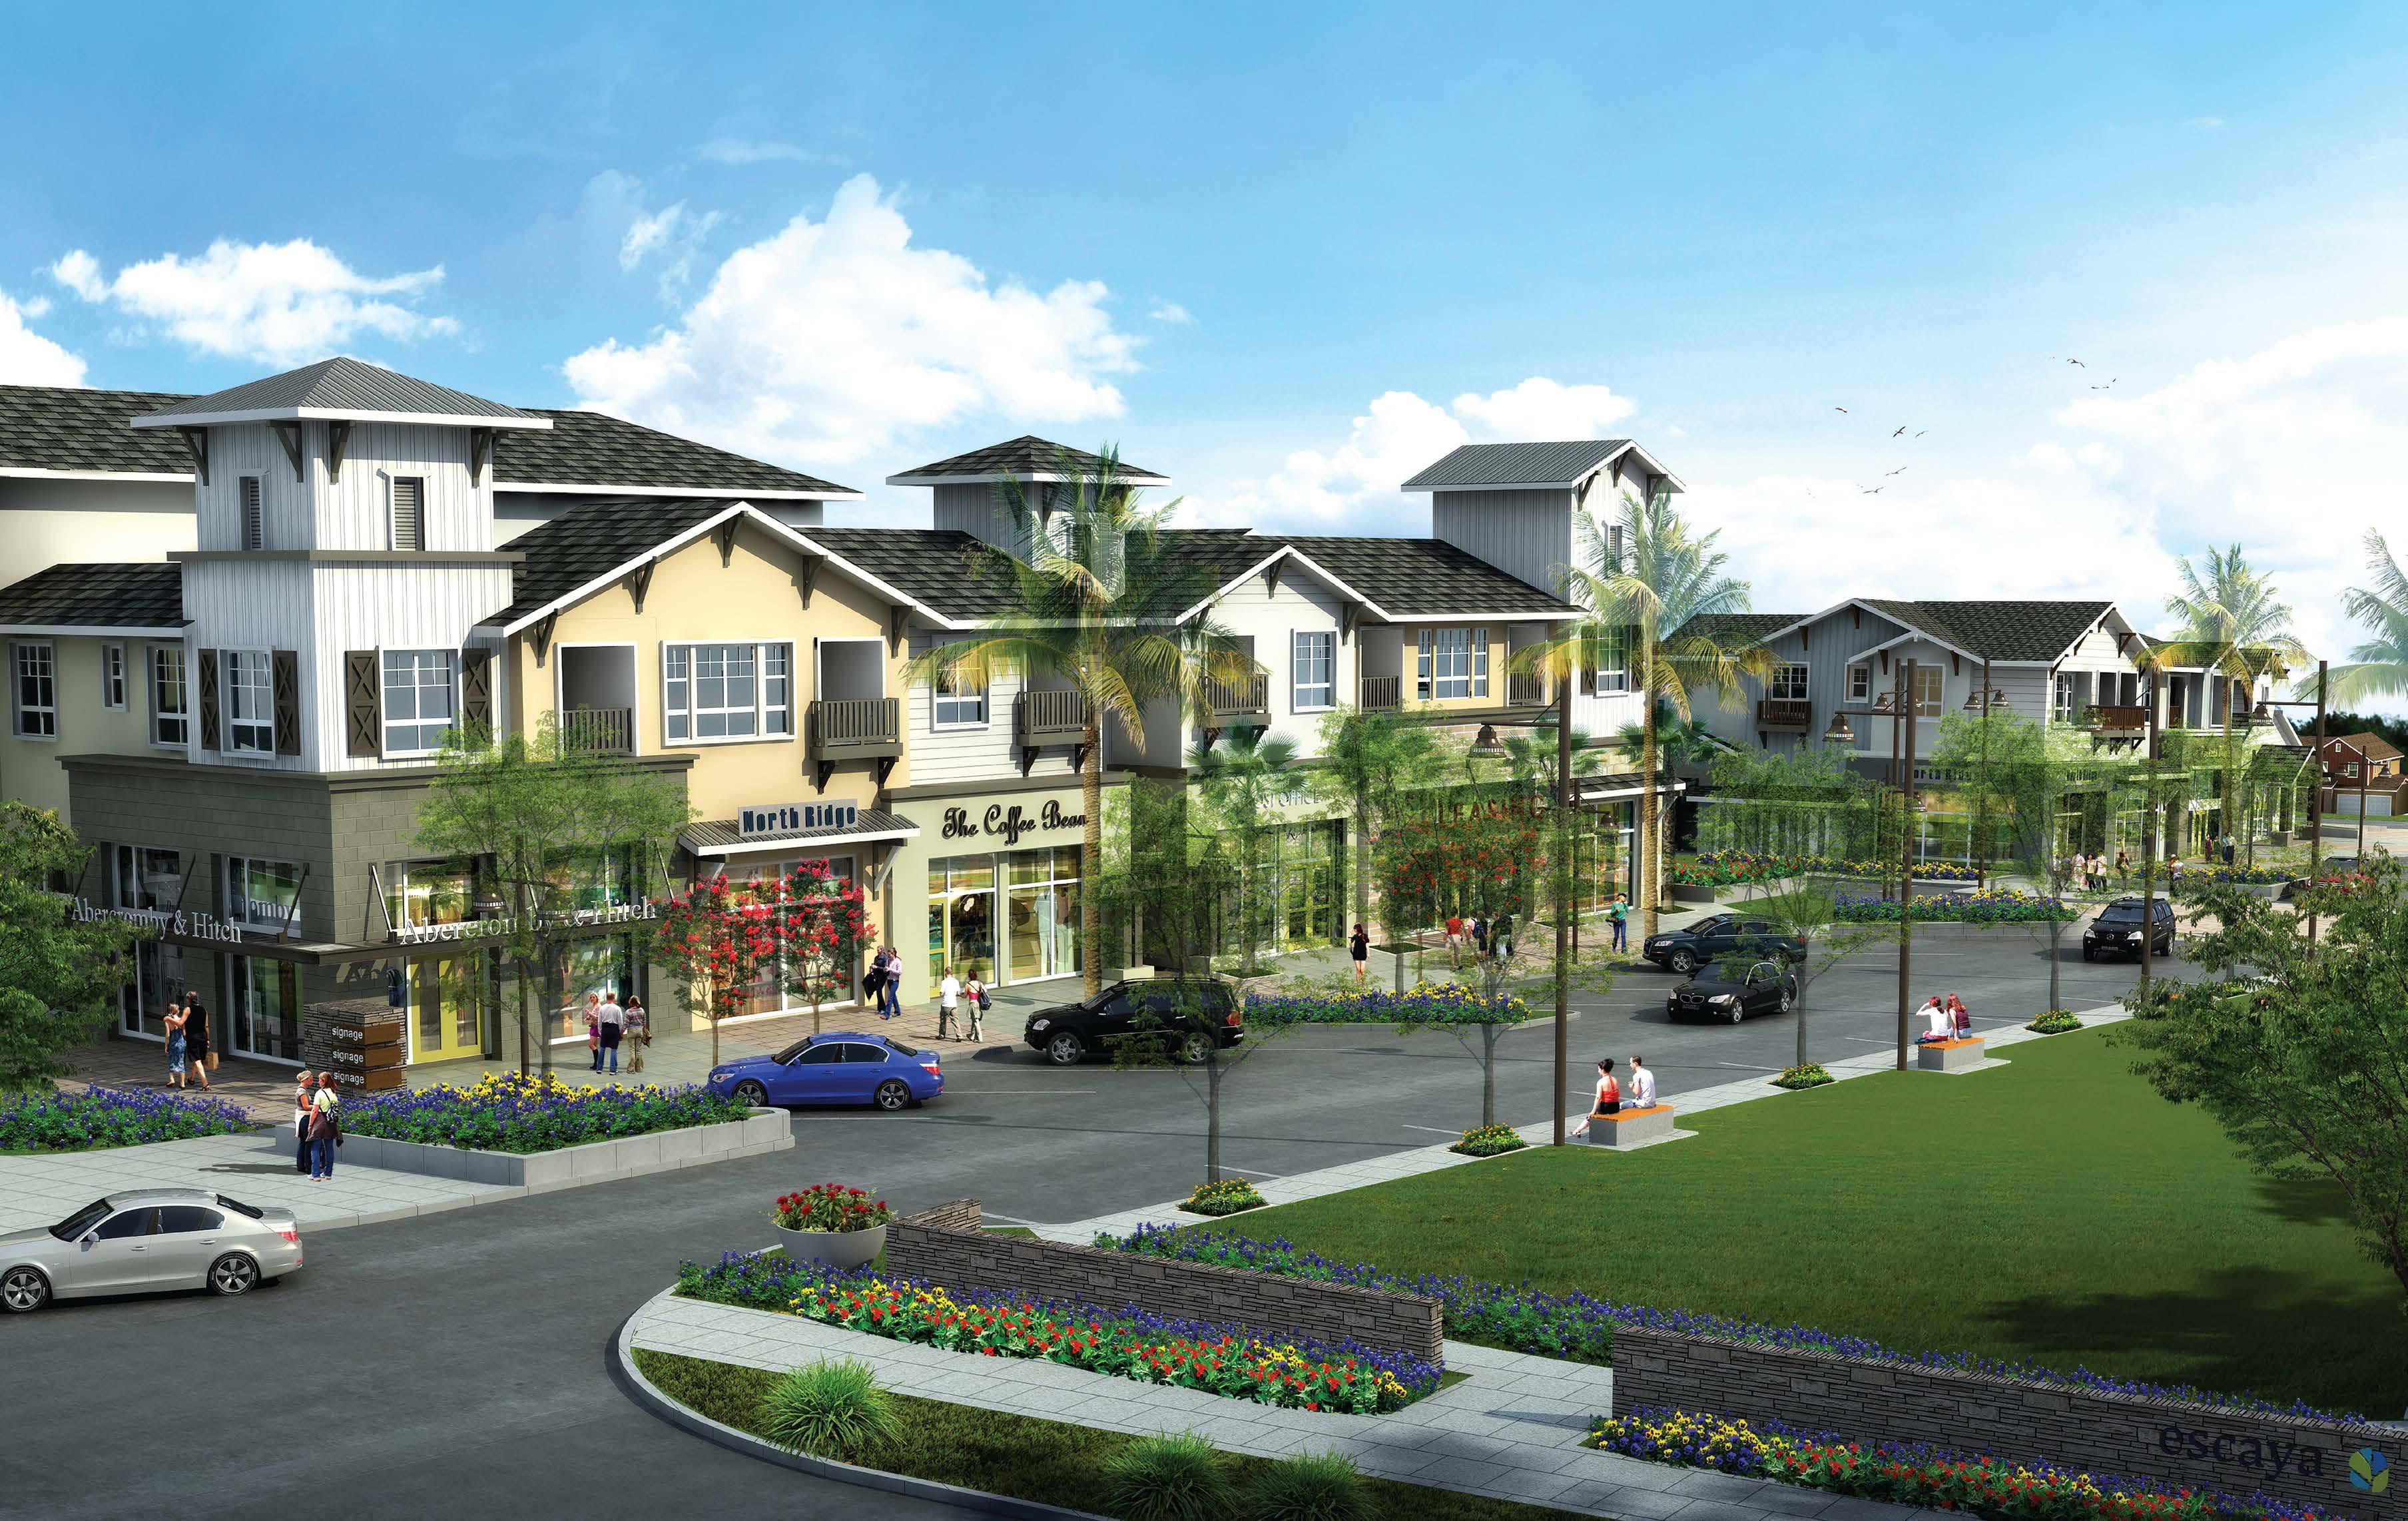 Cập Nhật Lượng Biệt Thự Giao Dịch Tại Dự Án Khu Đô Thị Escaya – San Diego – Ngày 17/09/2017